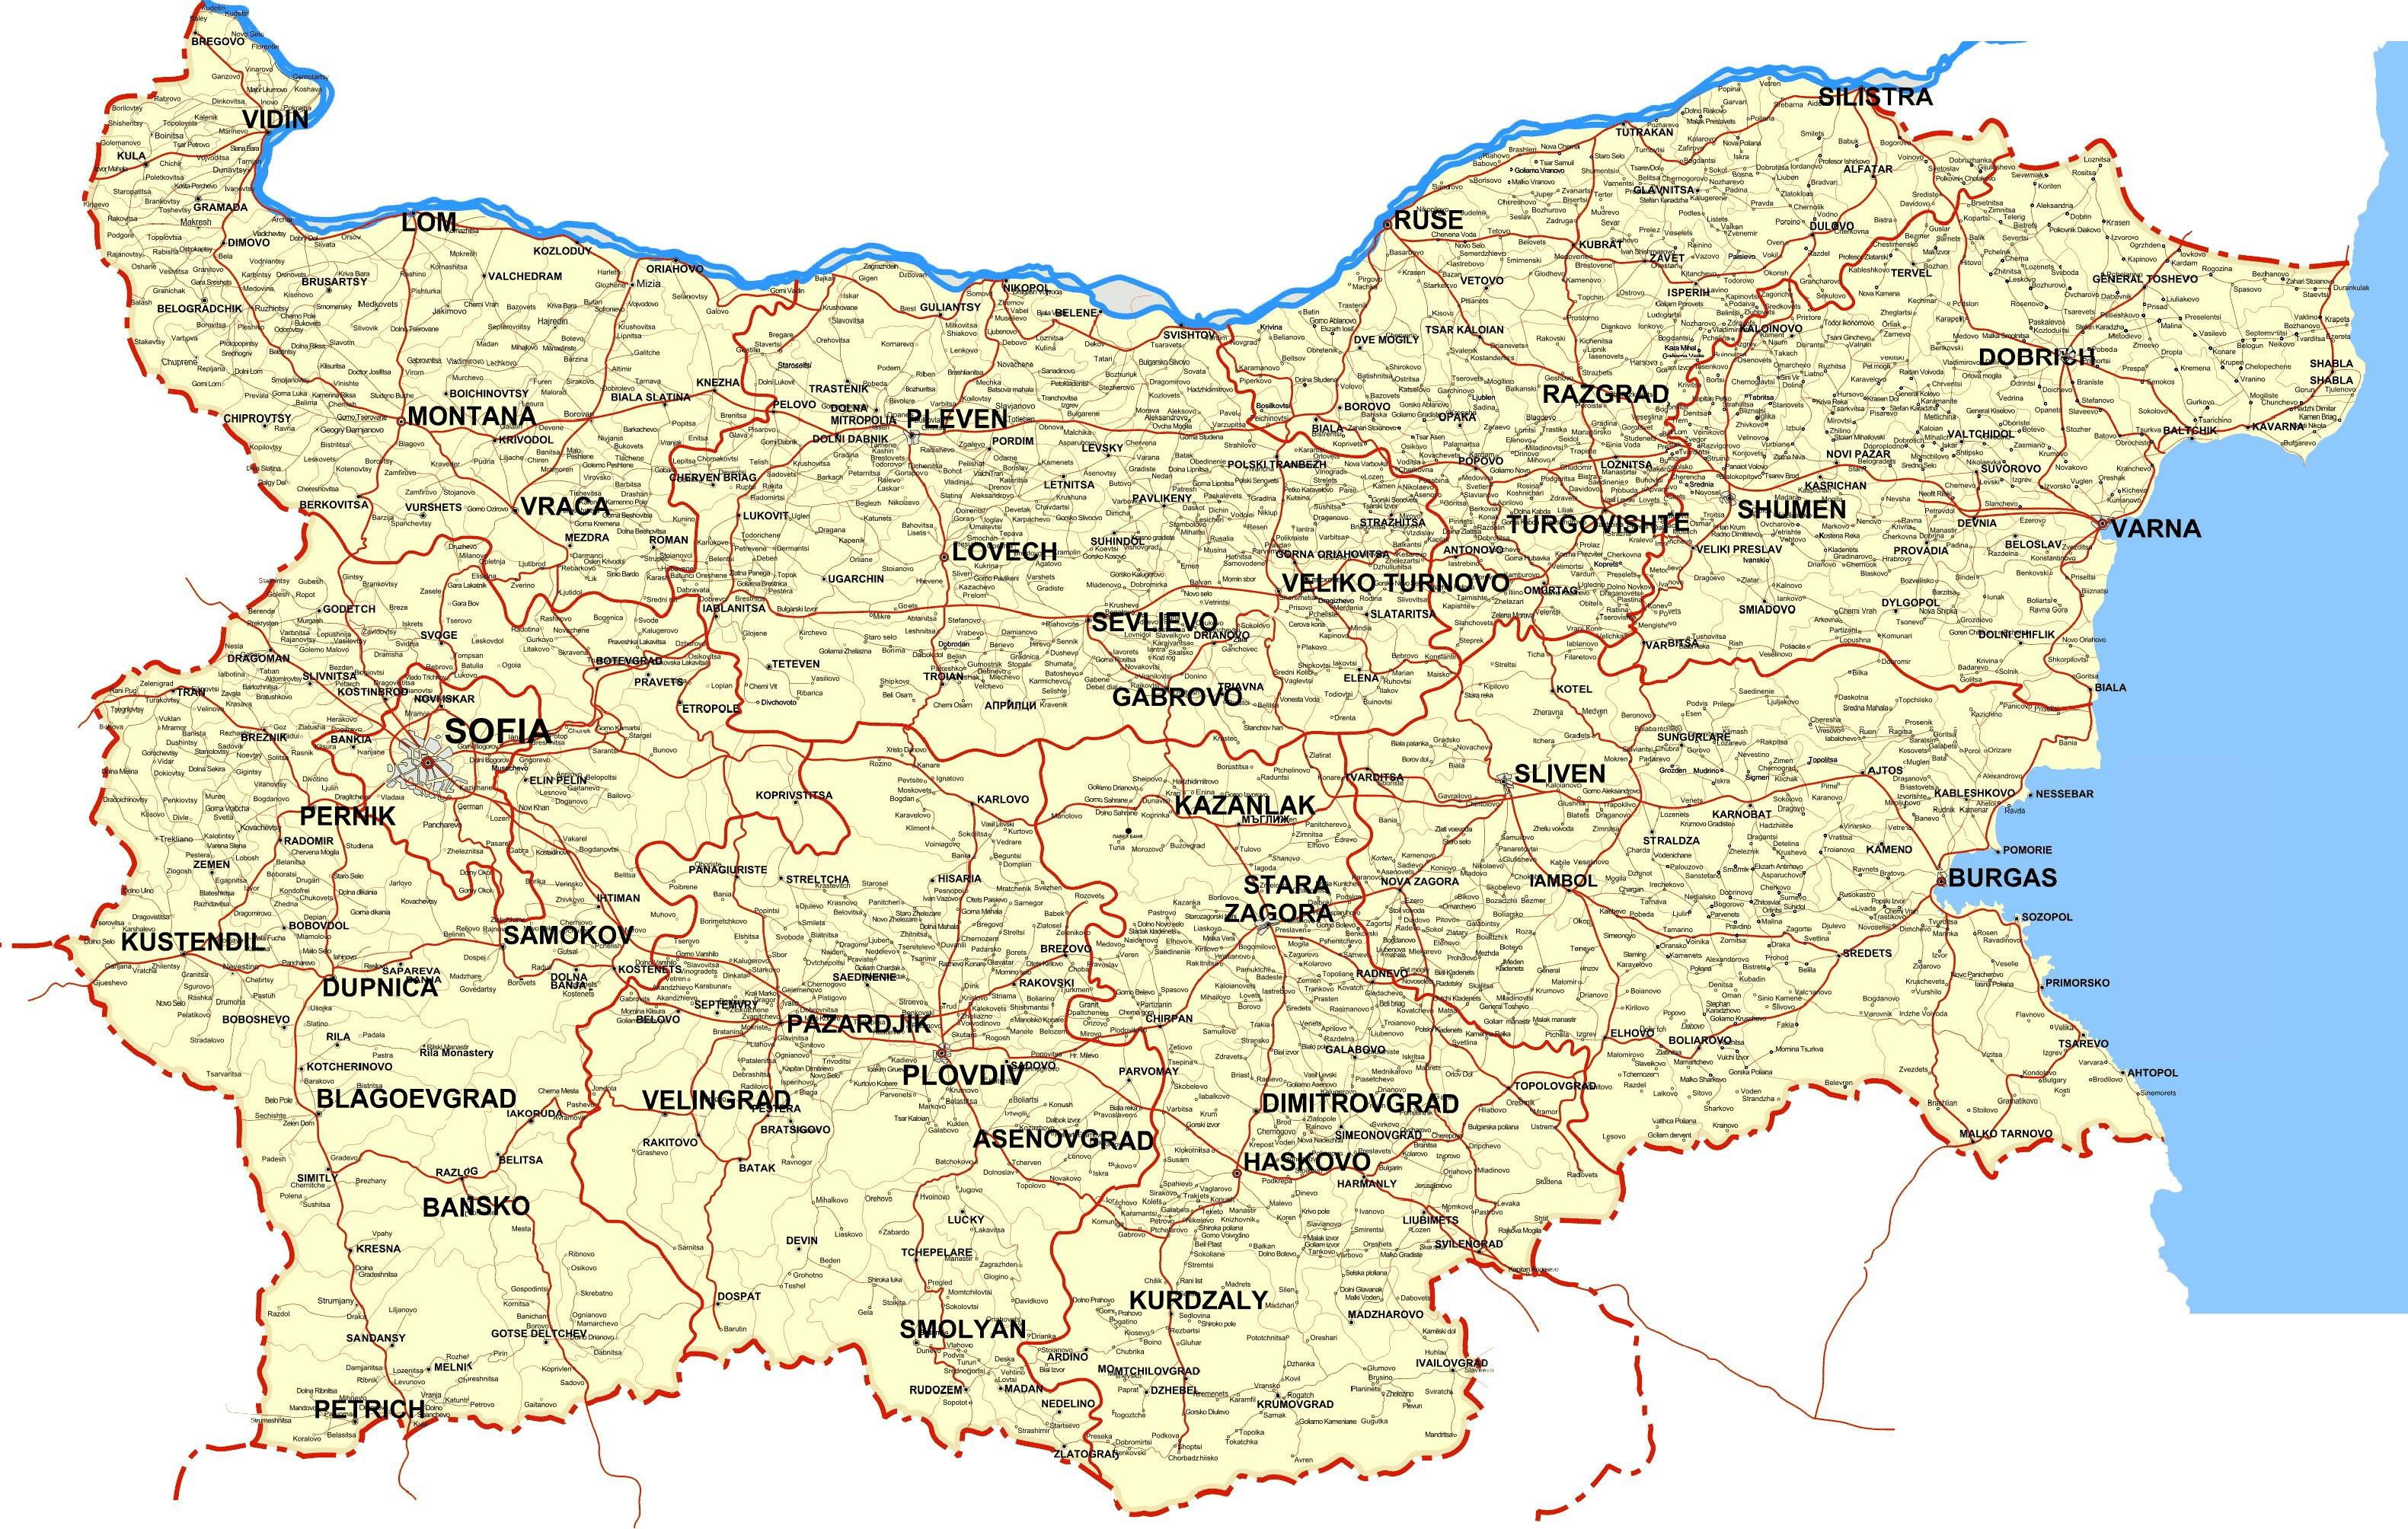 Mapa Bugarska Bugarska Zemlji Mapu Istocne Evrope Evropi